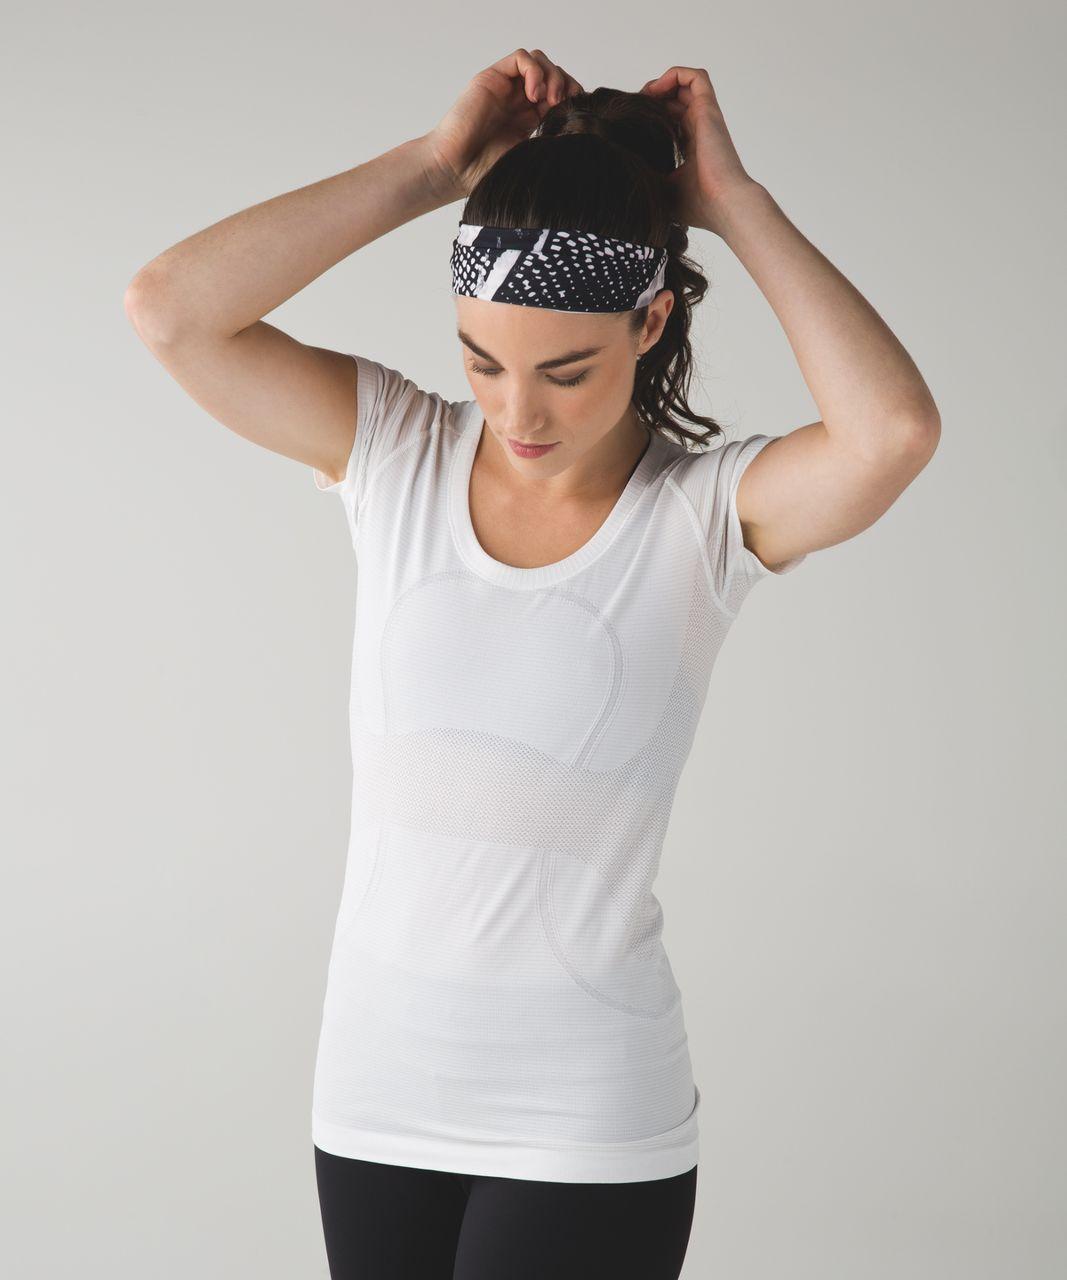 Lululemon Fringe Fighter Headband - Static Mist White Black / White